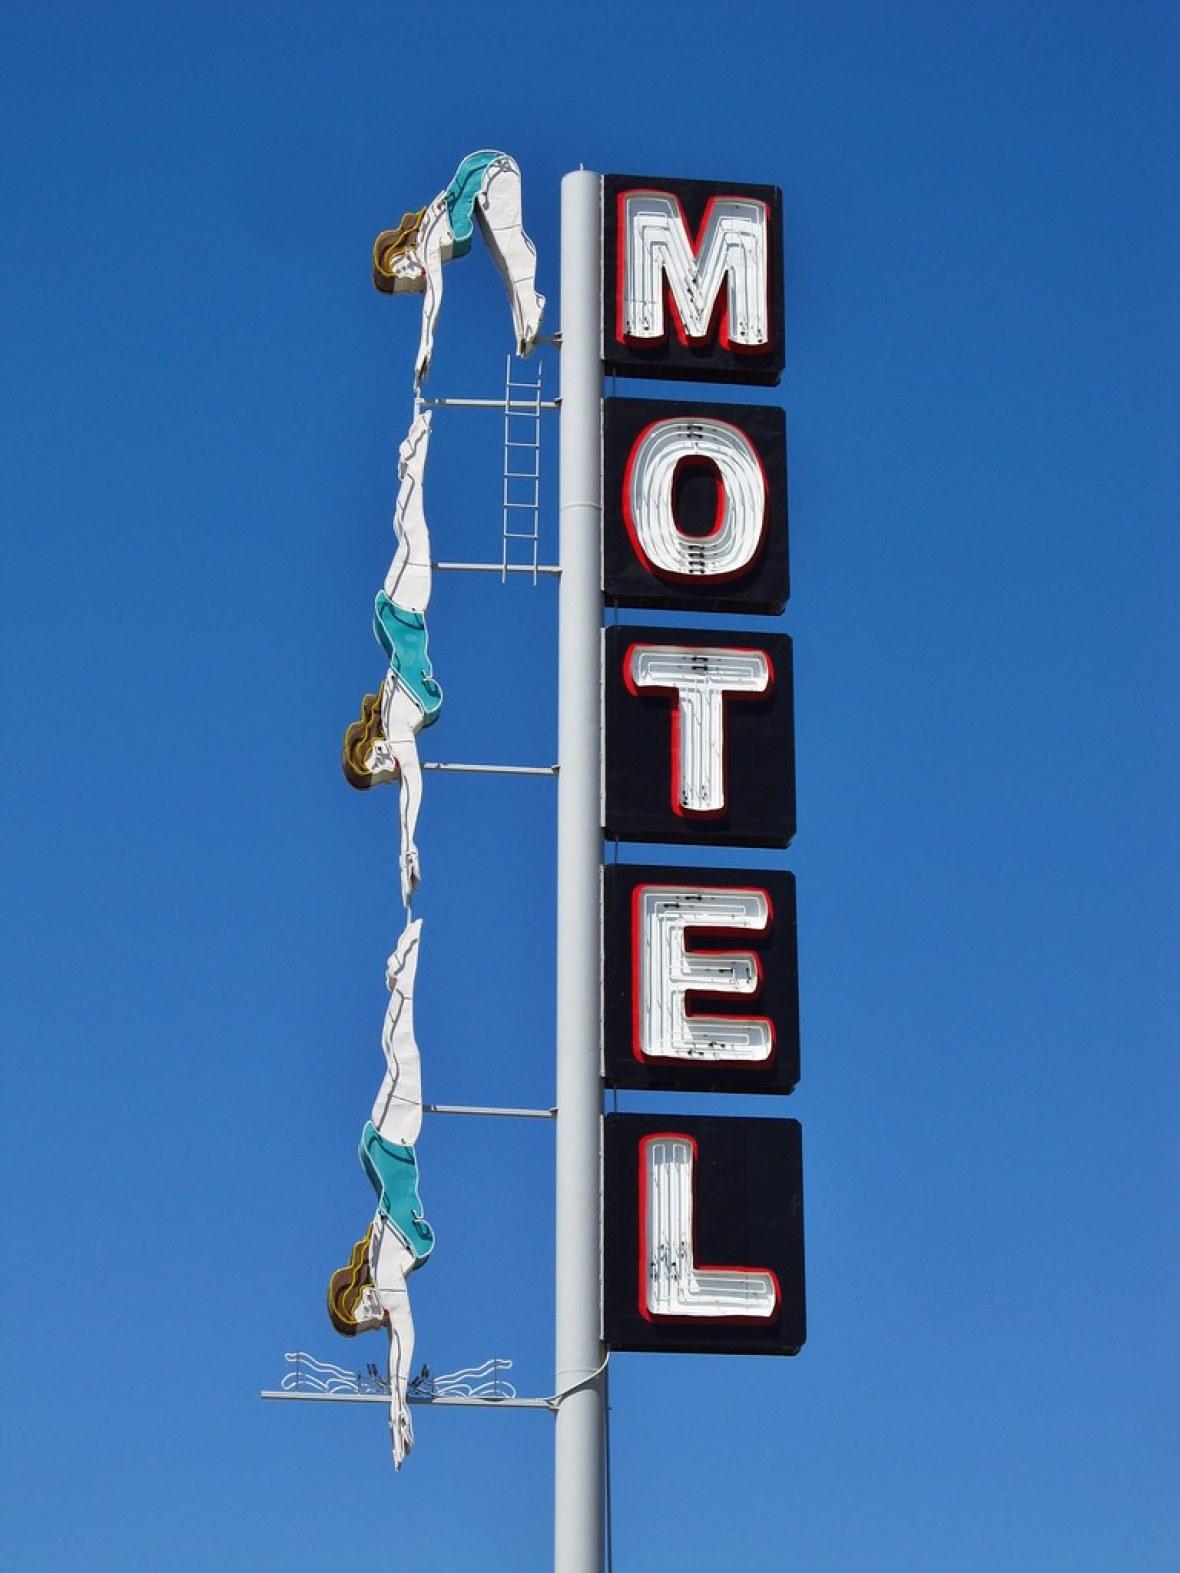 Starlite Motel - 2710 East Main Street, Mesa, Arizona U.S.A. - April 18, 2015